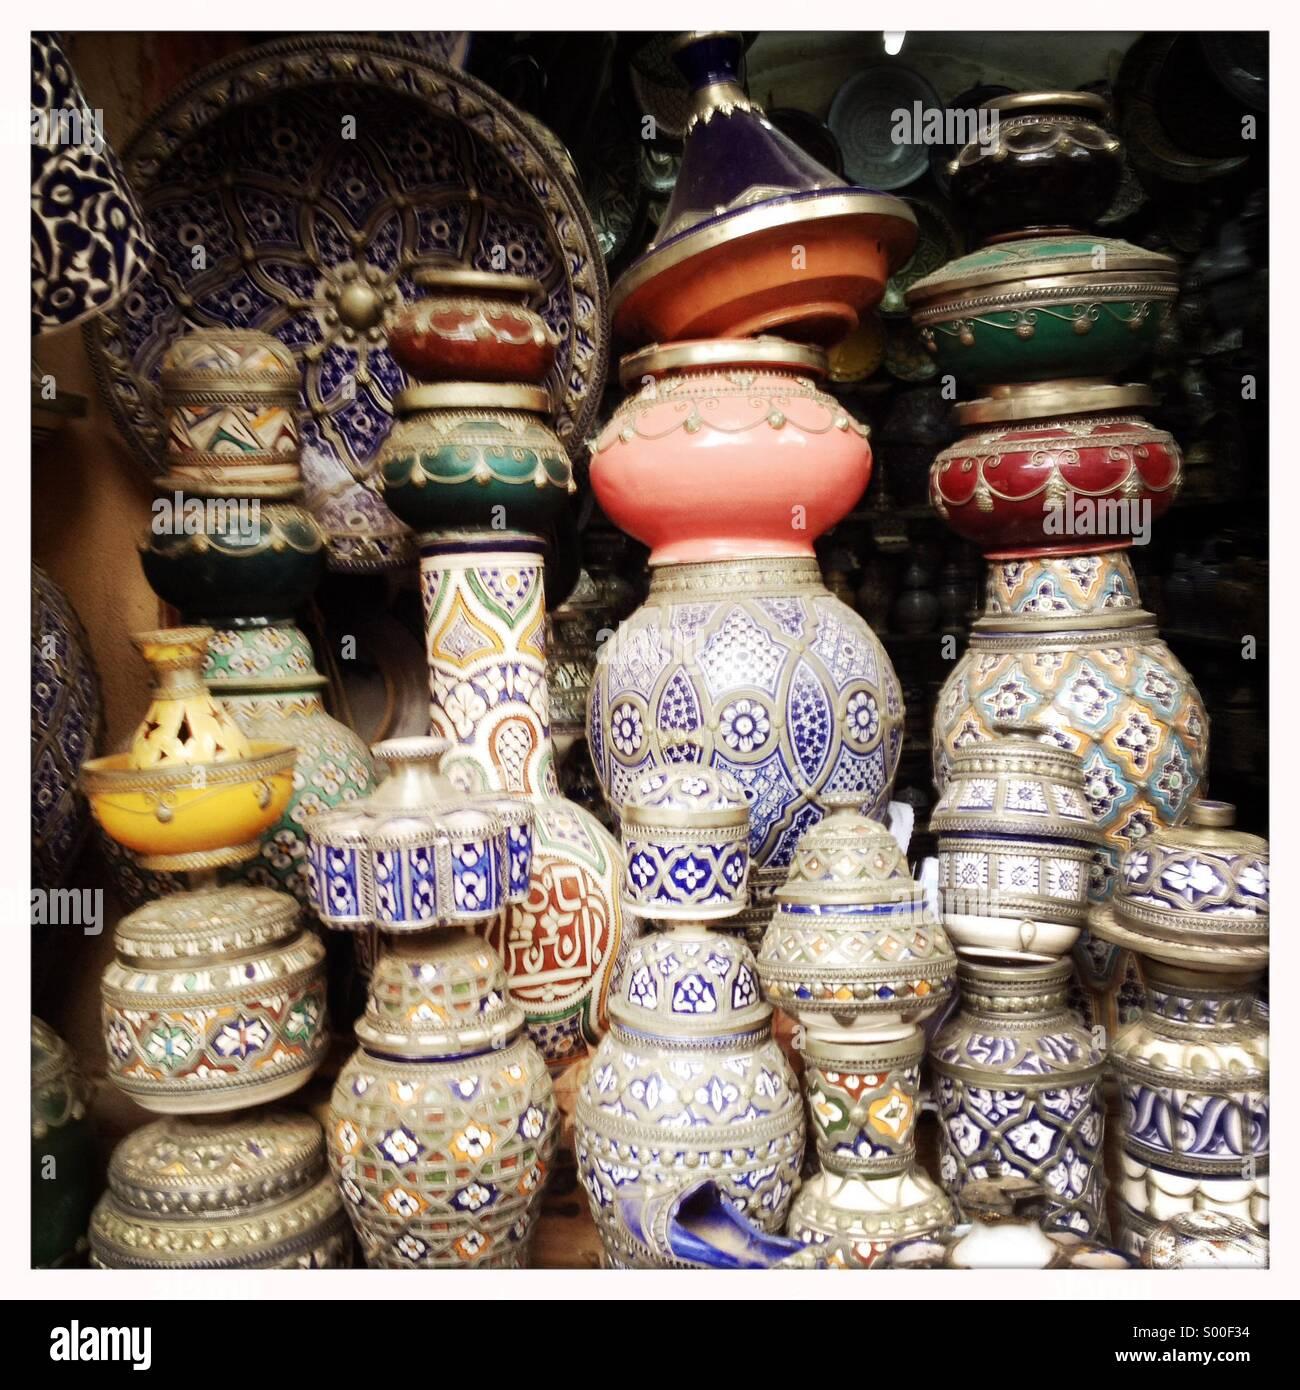 Fez pottery, Morrocco .©Ingetje Tadros - Stock Image